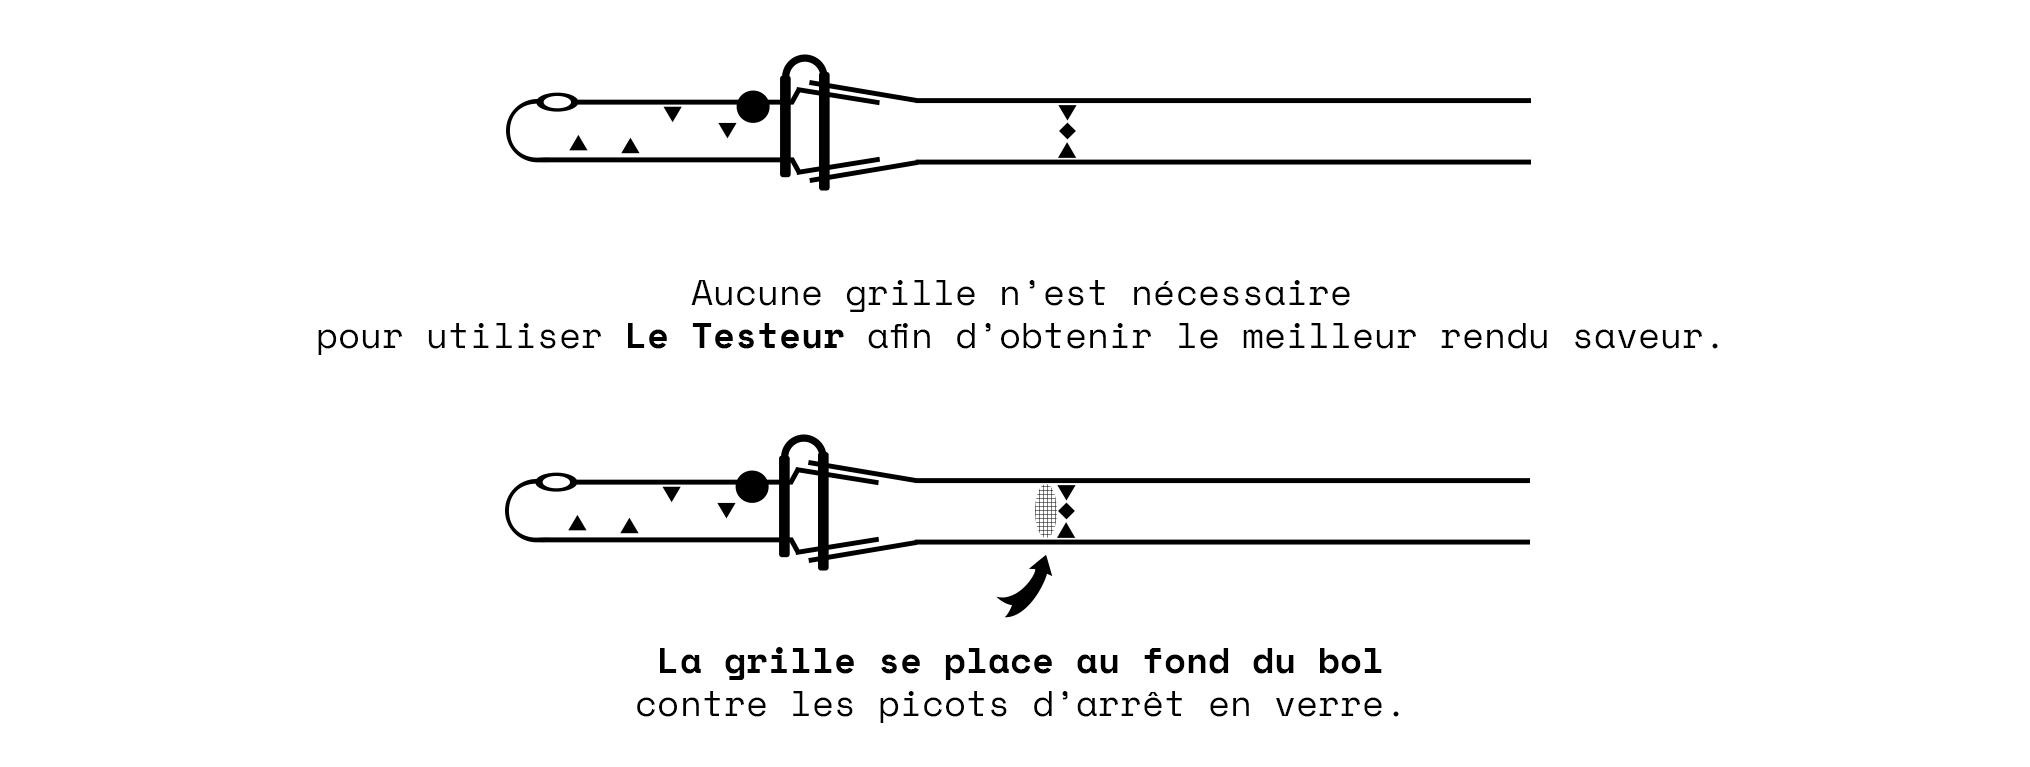 Grille - Le Testeur